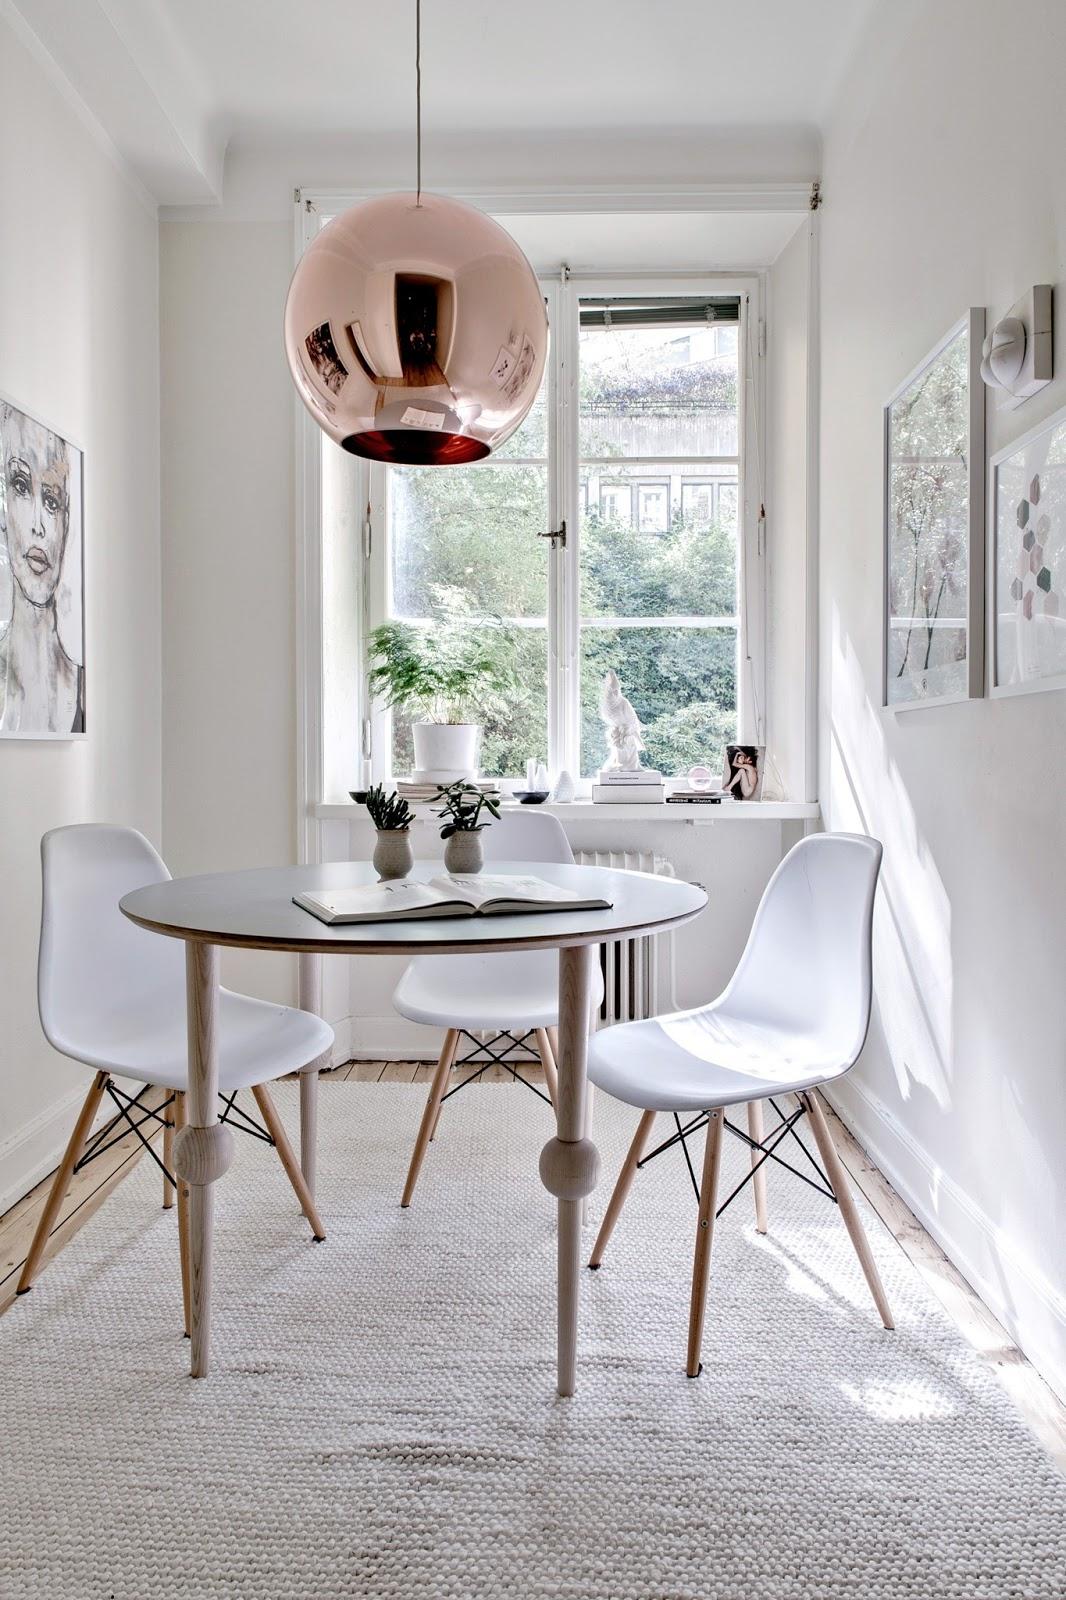 Jadalnia z okrągłym stołem